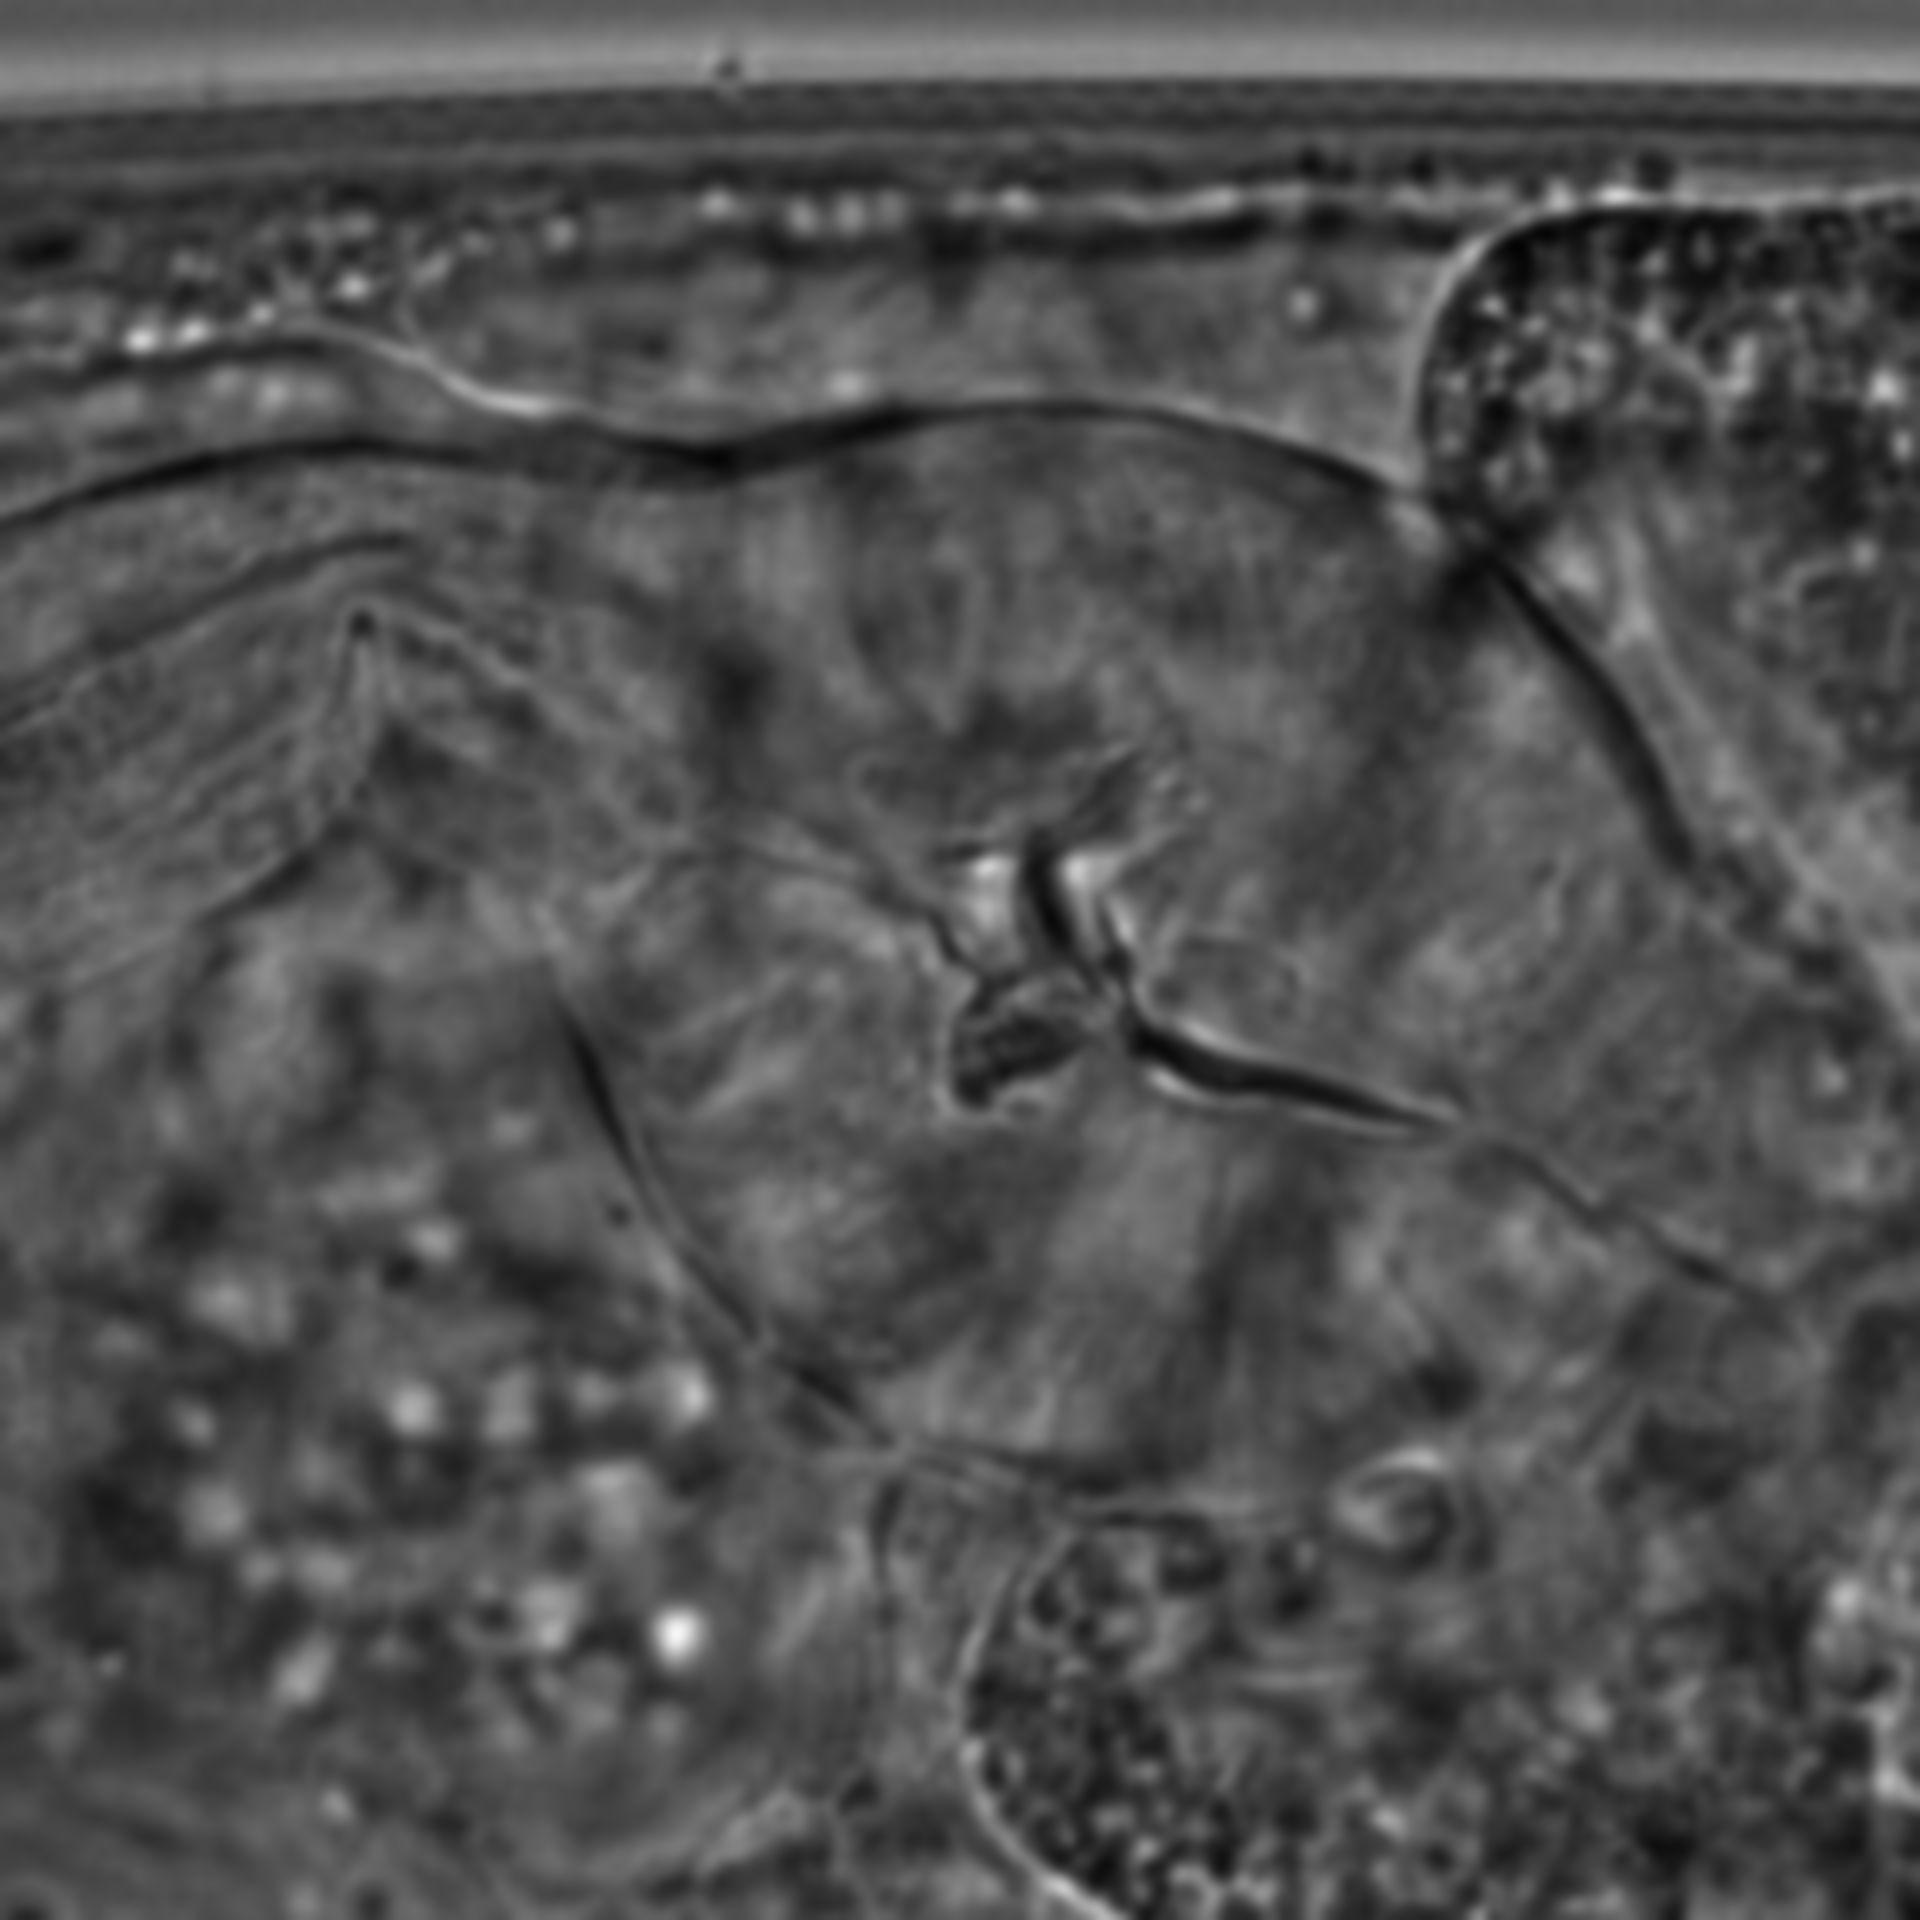 Caenorhabditis elegans - CIL:1659